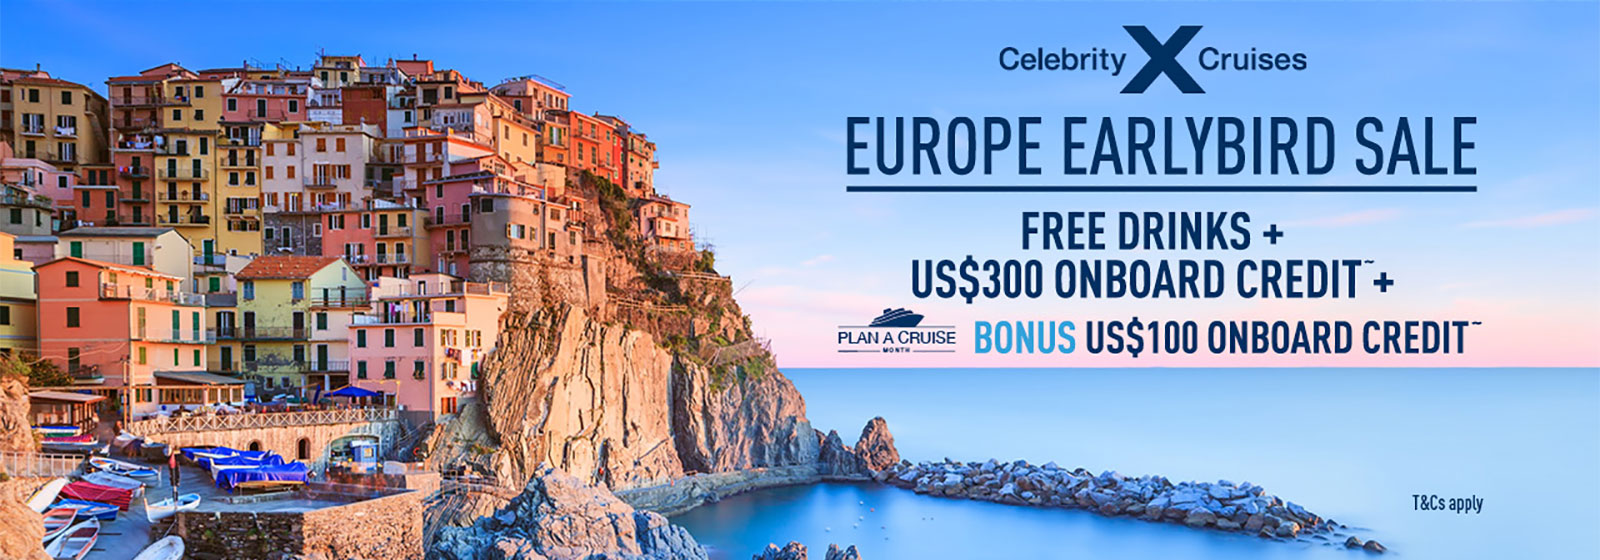 Celebrity Cruises Europe Earlybird Sale